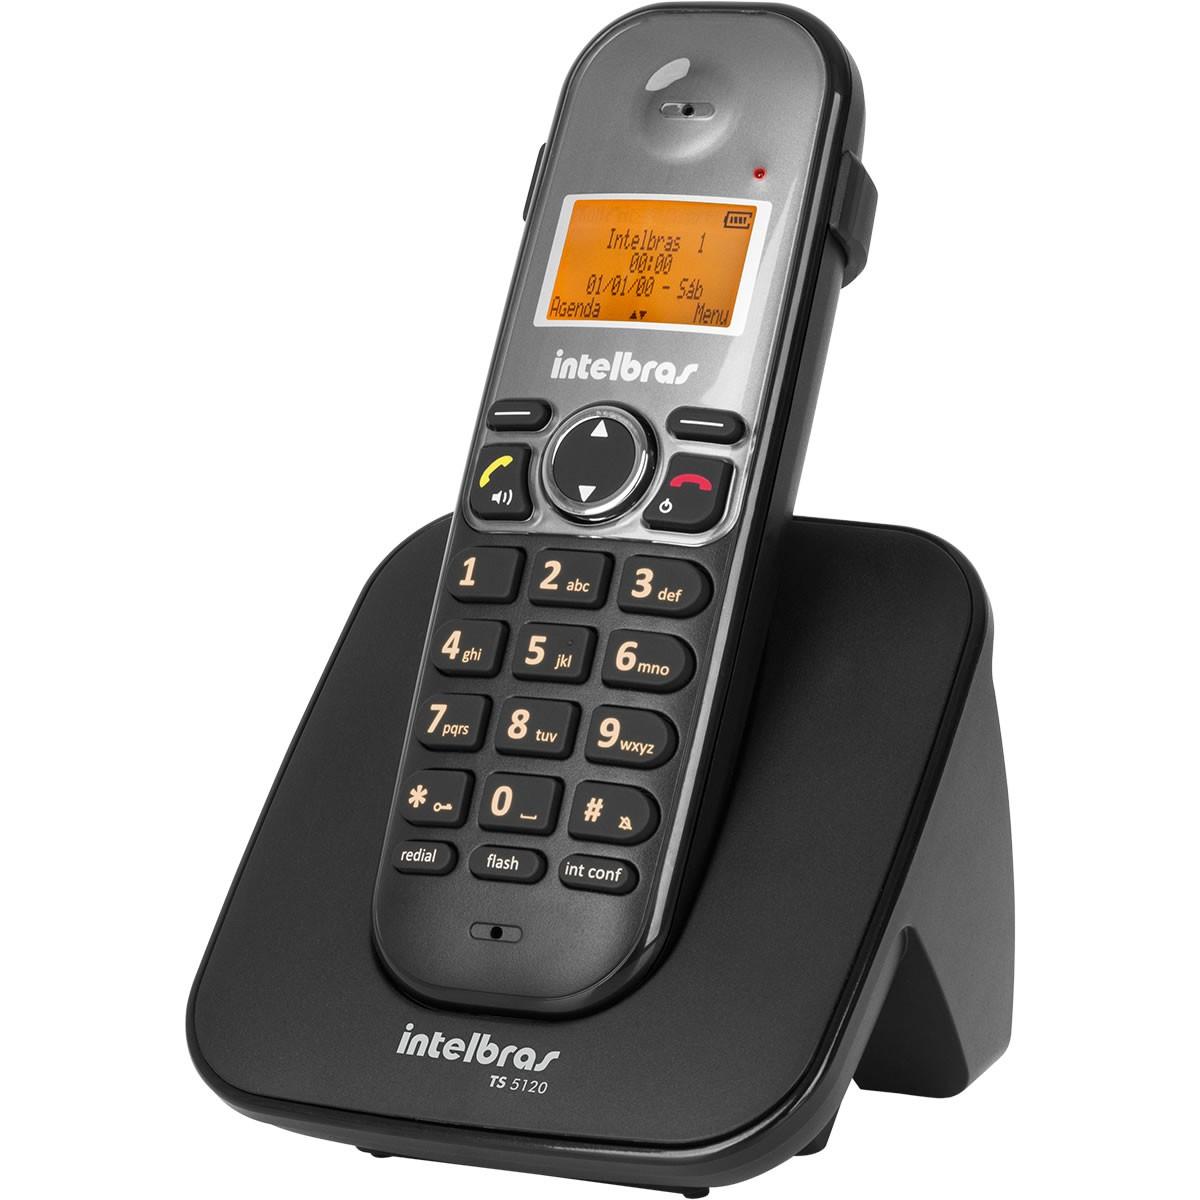 Telefone Sem Fio com Viva Voz Identificador Intelbras TS 5120 Preto DECT 6